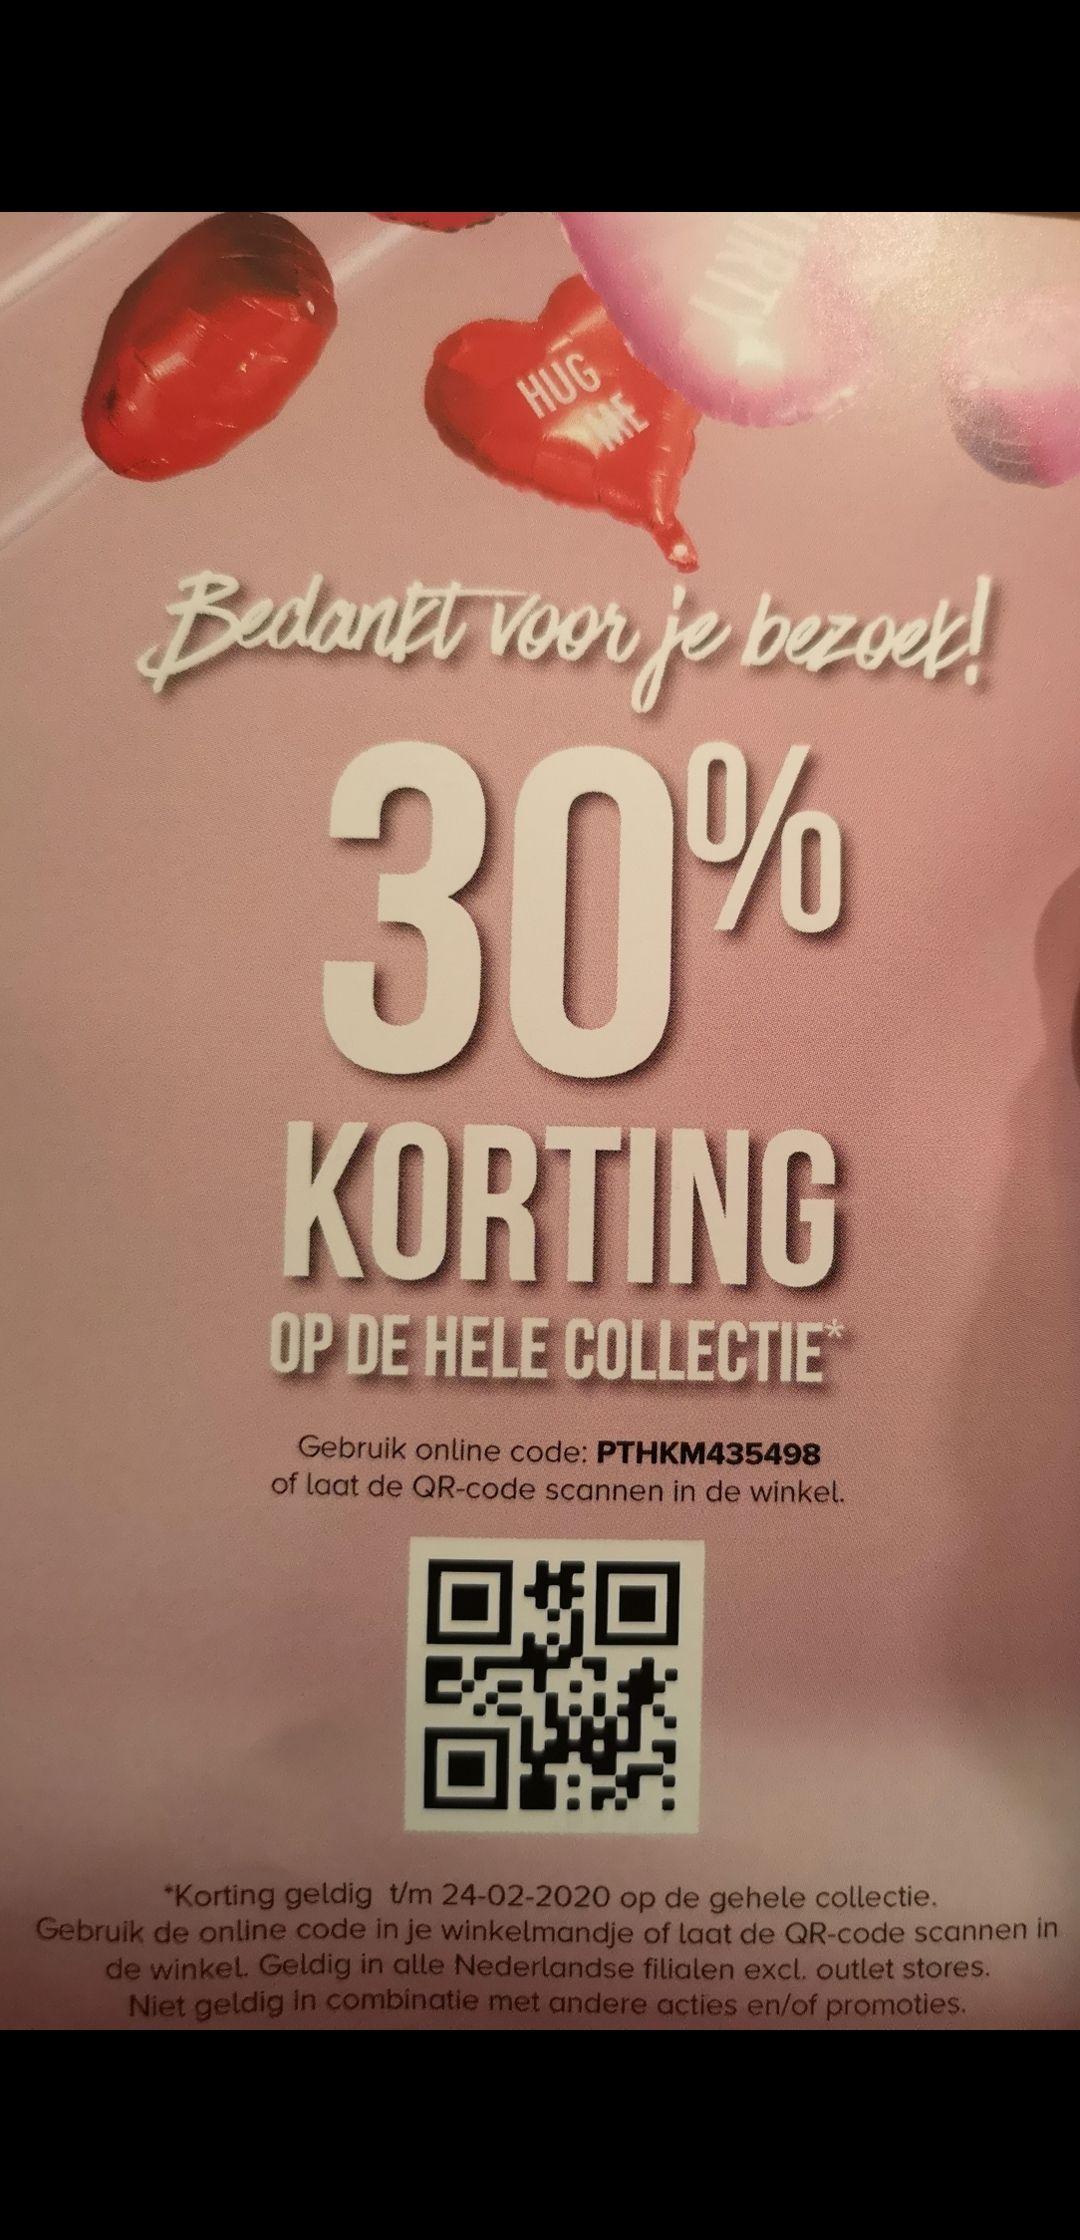 30% korting op de hele collectie bij Hunkemöller (NL)